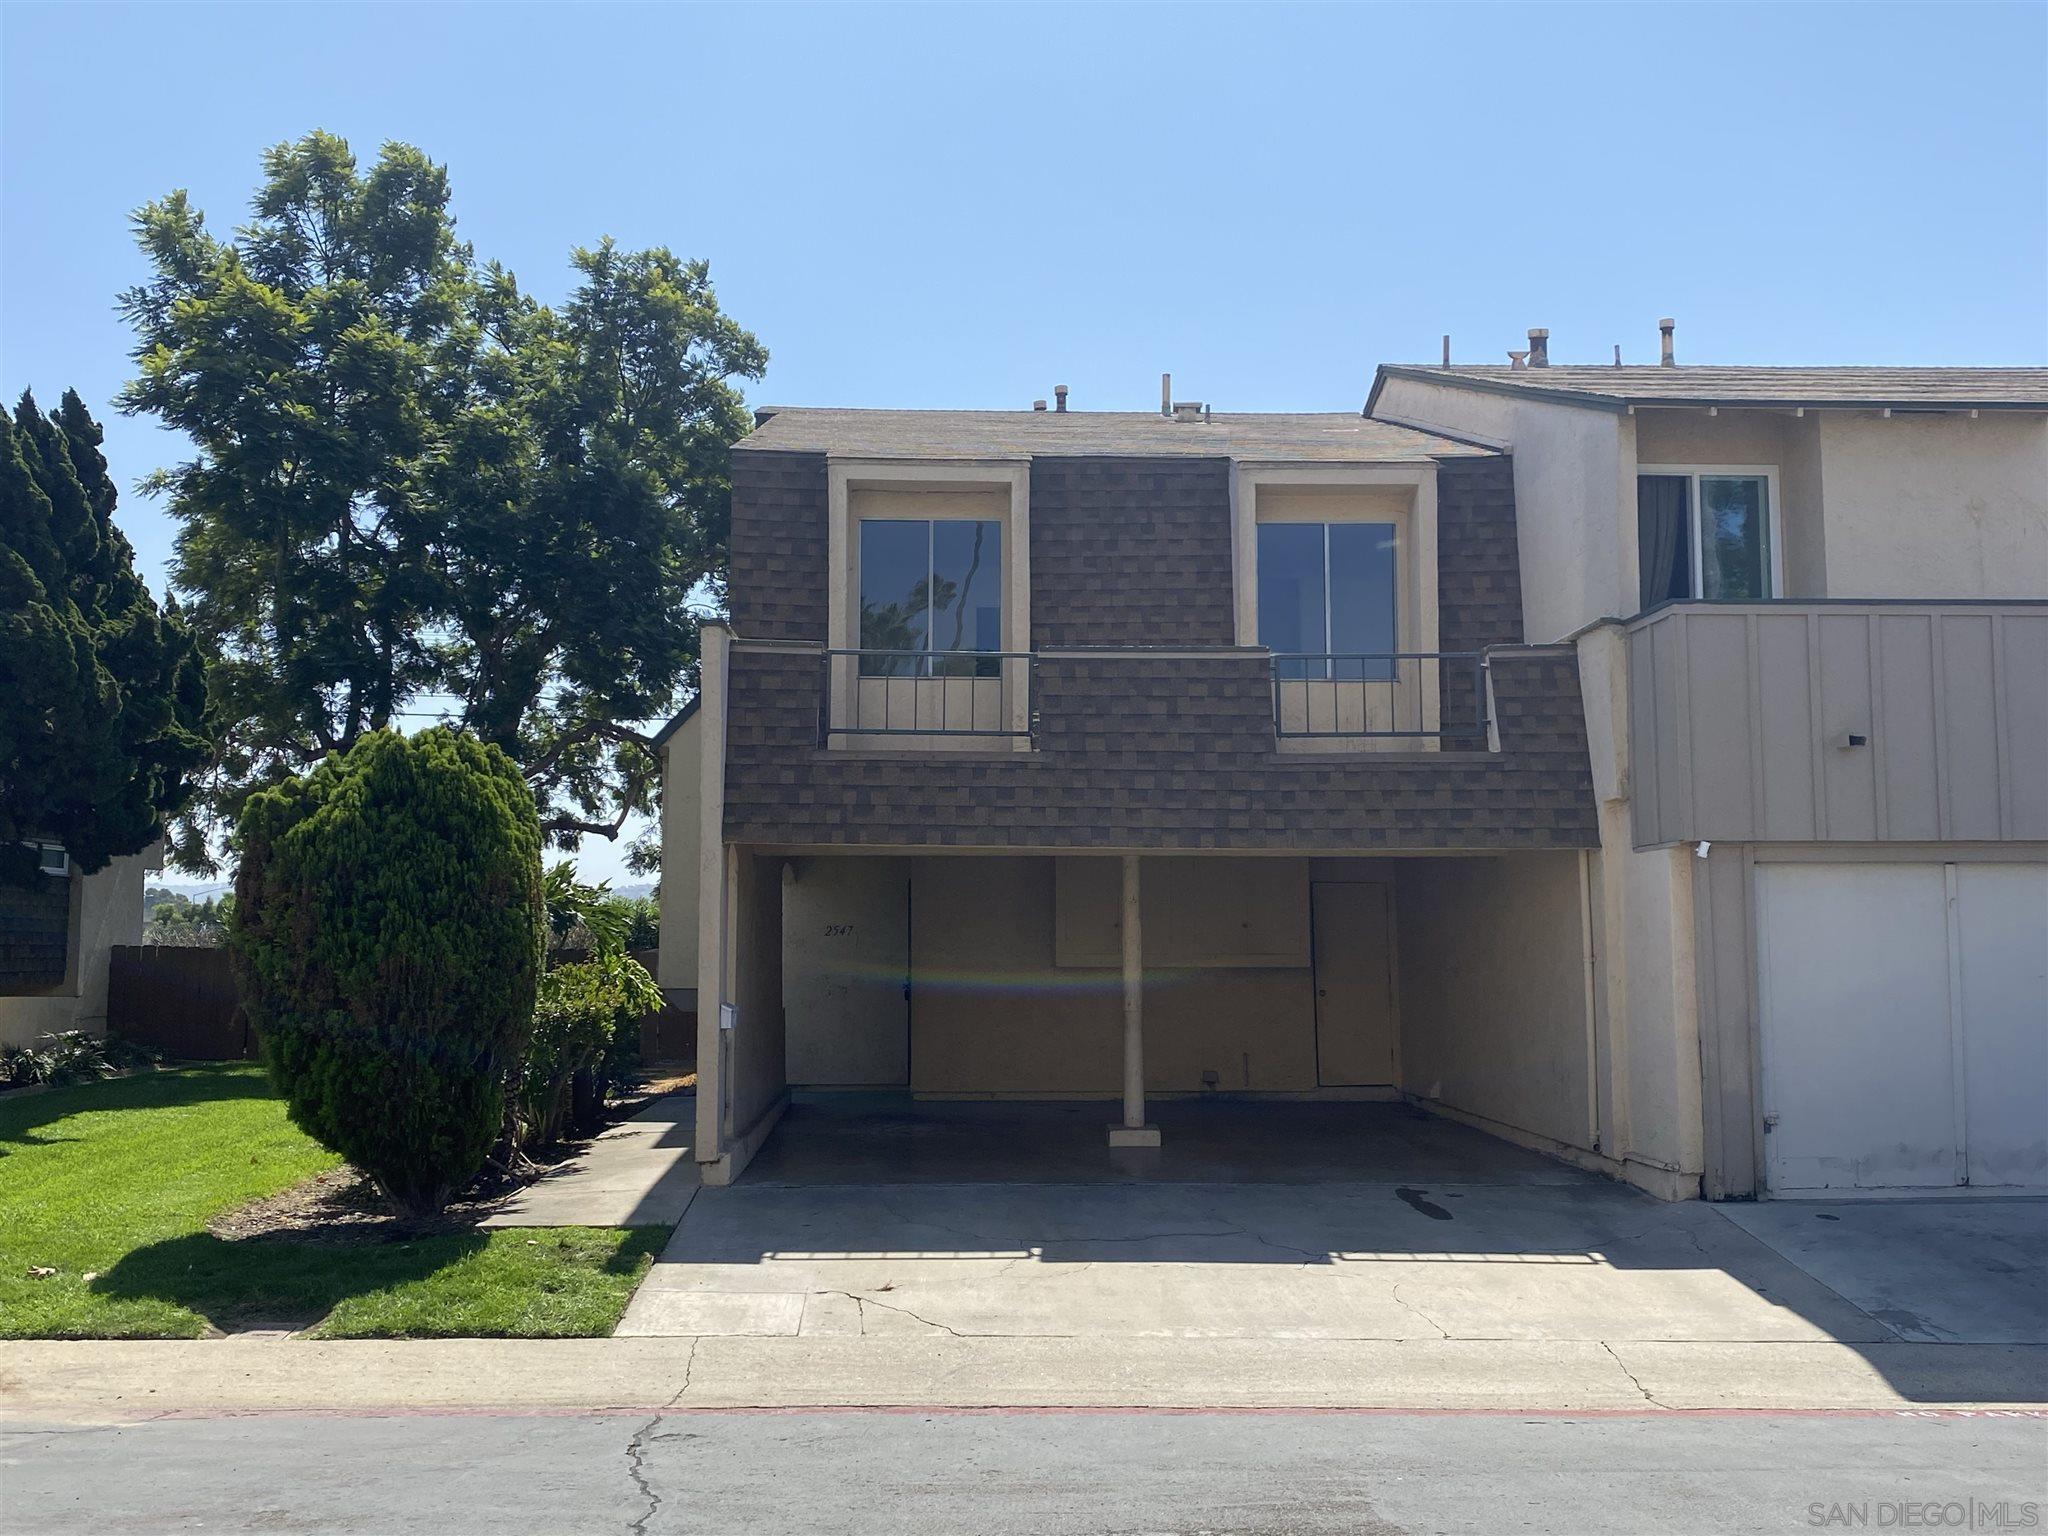 2547 Caminito Avellano, San Diego, CA 92154